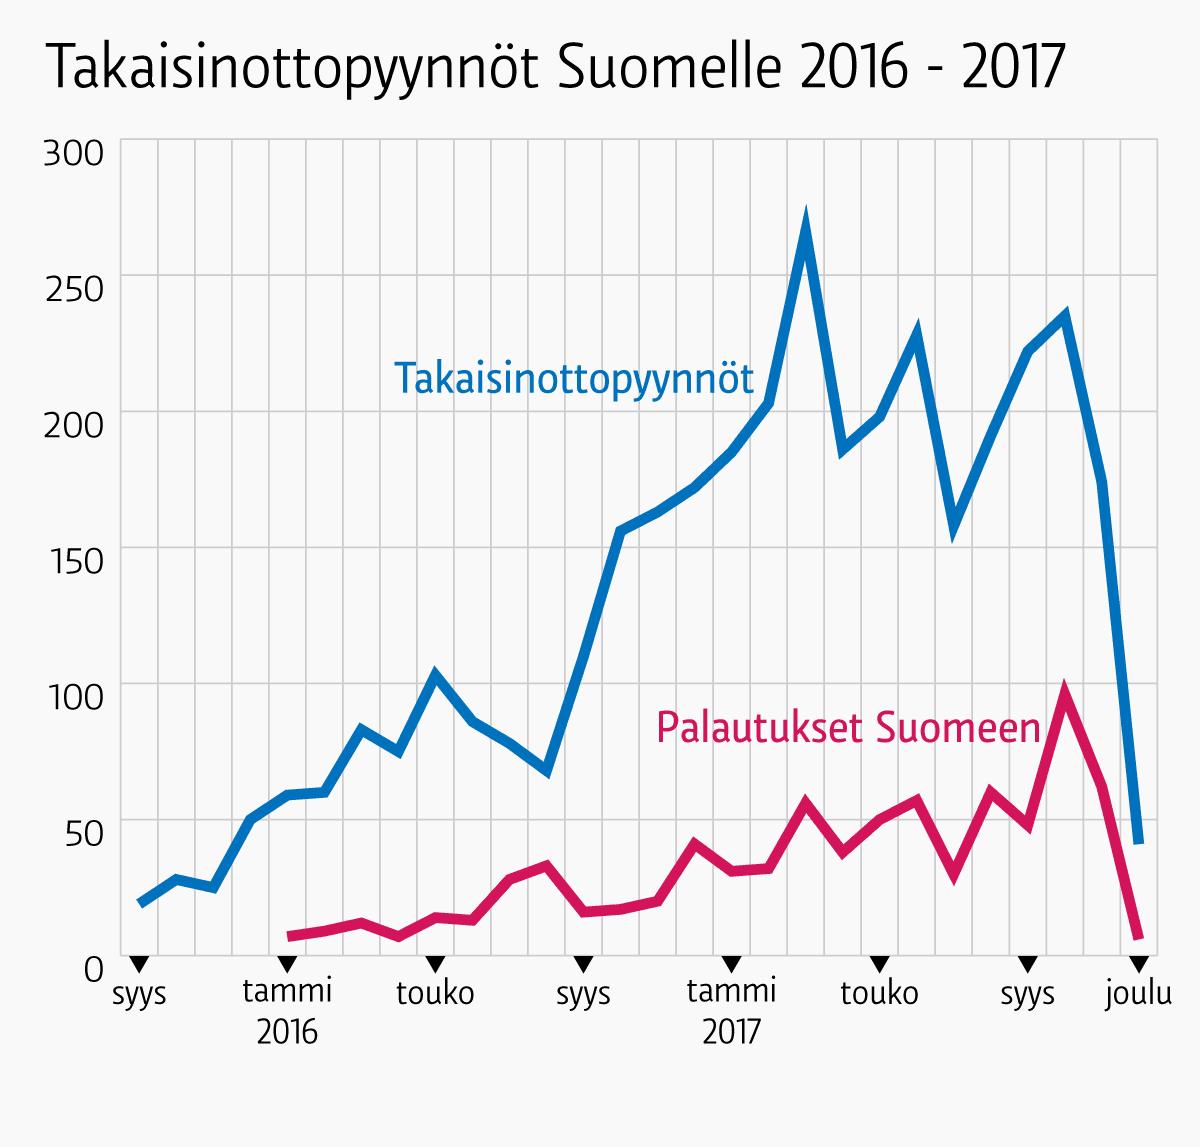 Takaisinottopyynnöt 2016-2017